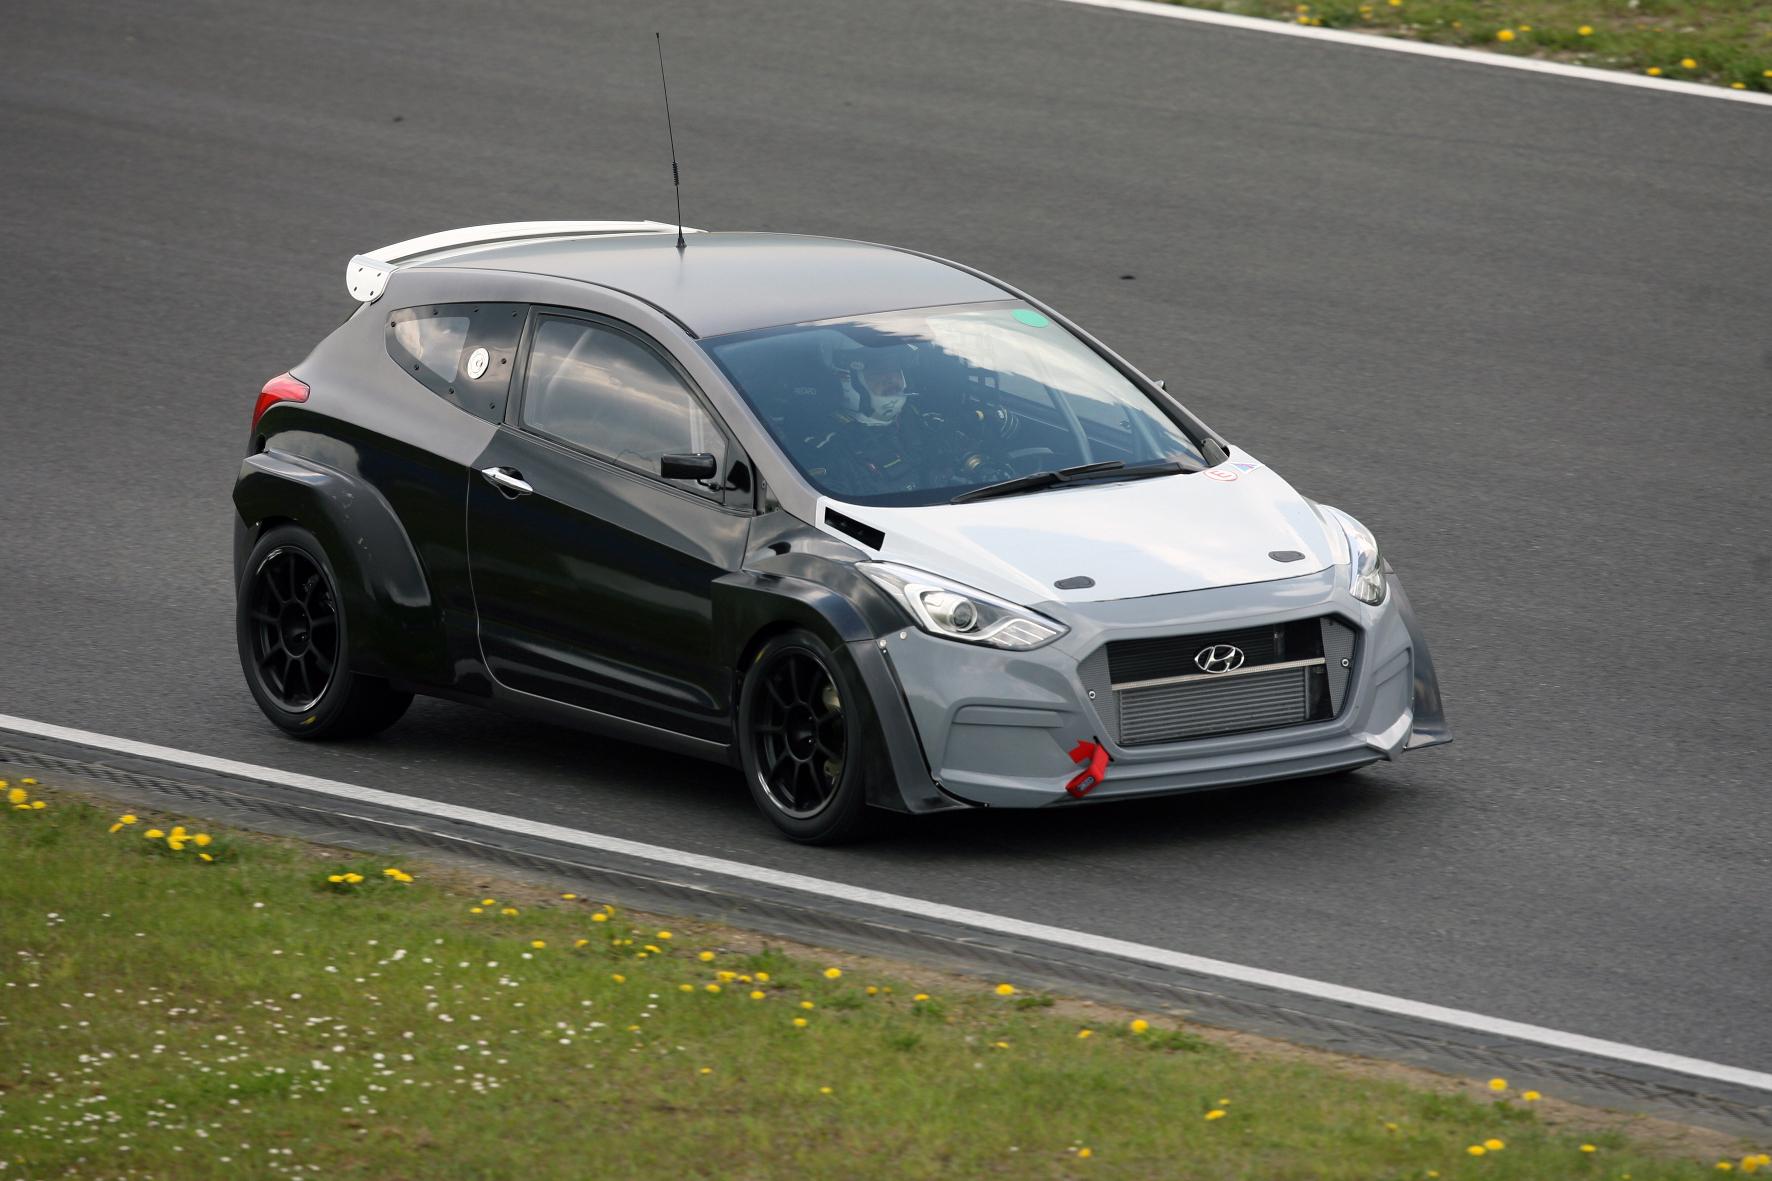 mid Groß-Gerau - Probefahrt gefällig? Autobauer Hyundai nutzt das berühmte 24-Stunden-Rennen auf dem Nürburgring auch zum Härtetest für den neuen Motor des i30 2.0 Turbo (Foto).